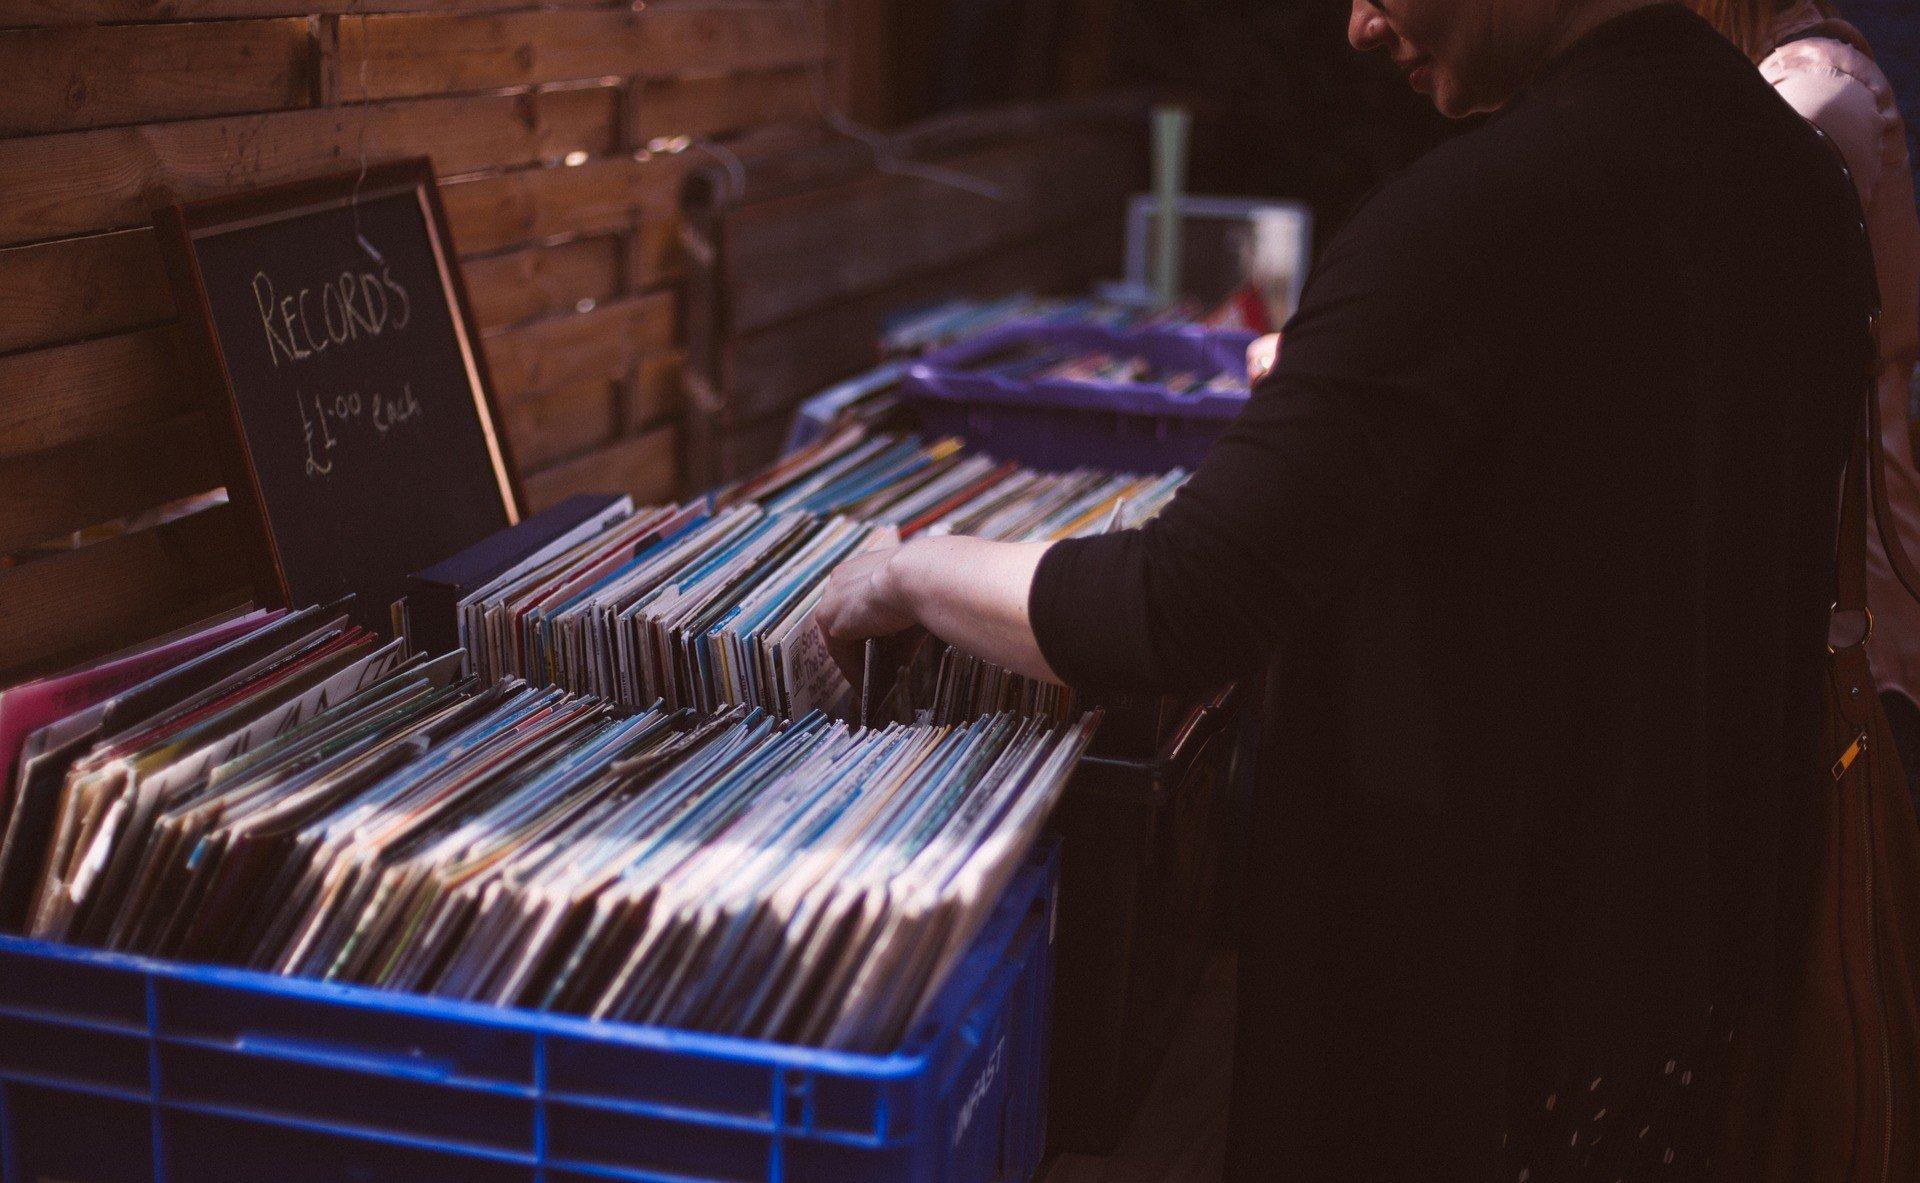 aprire un negozio di dischi